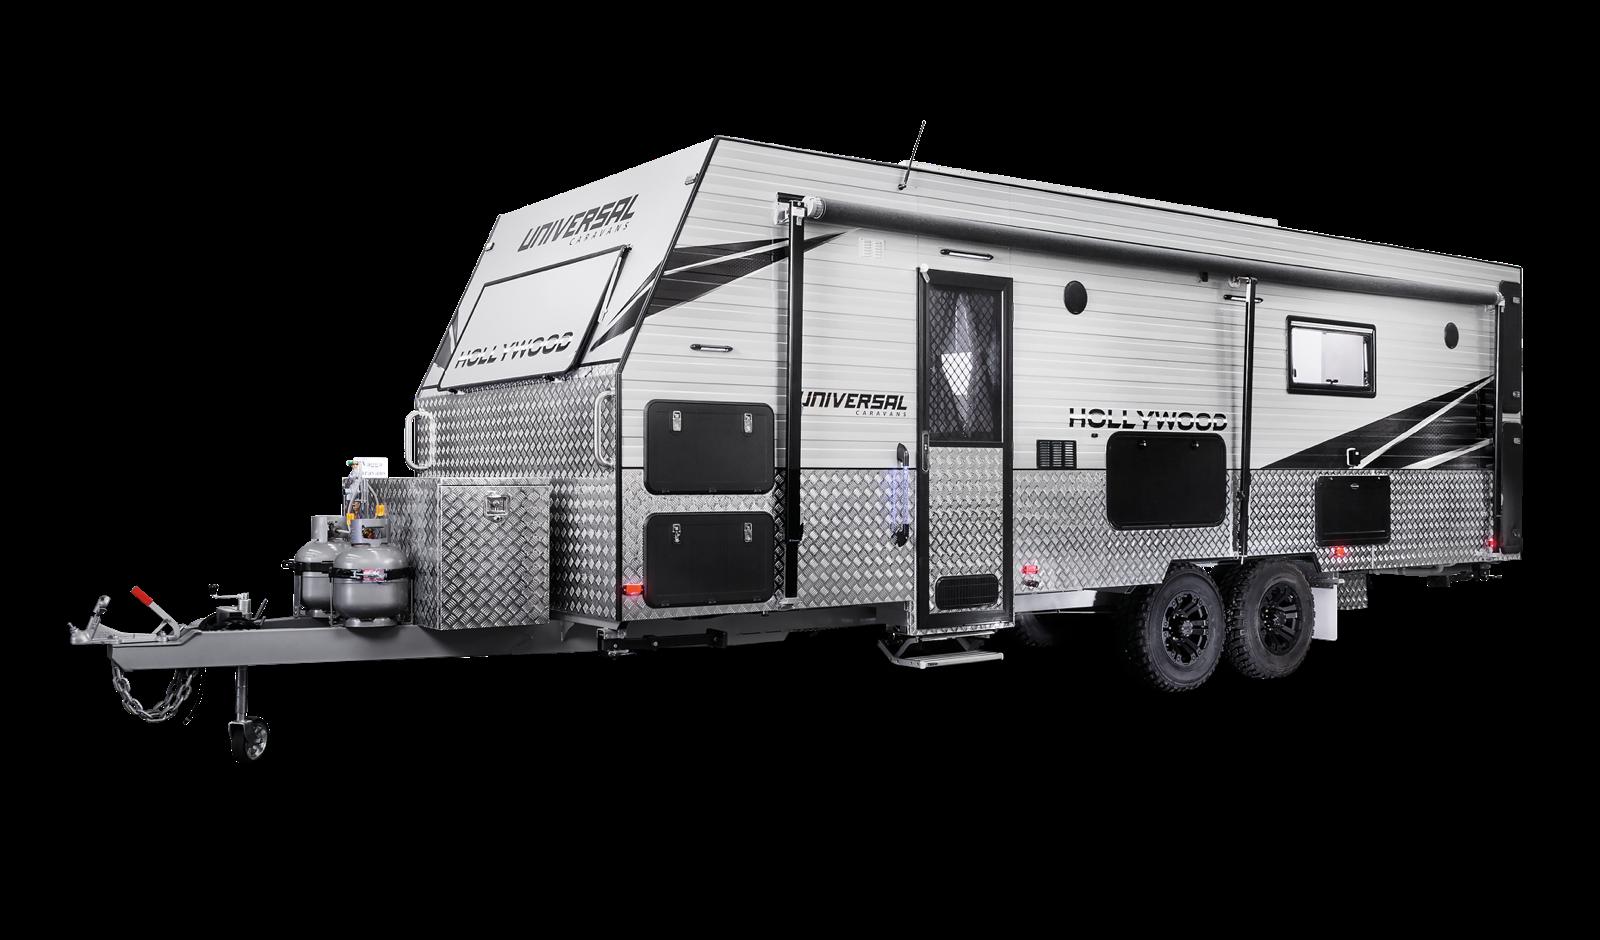 View Details · Universal Caravans ...